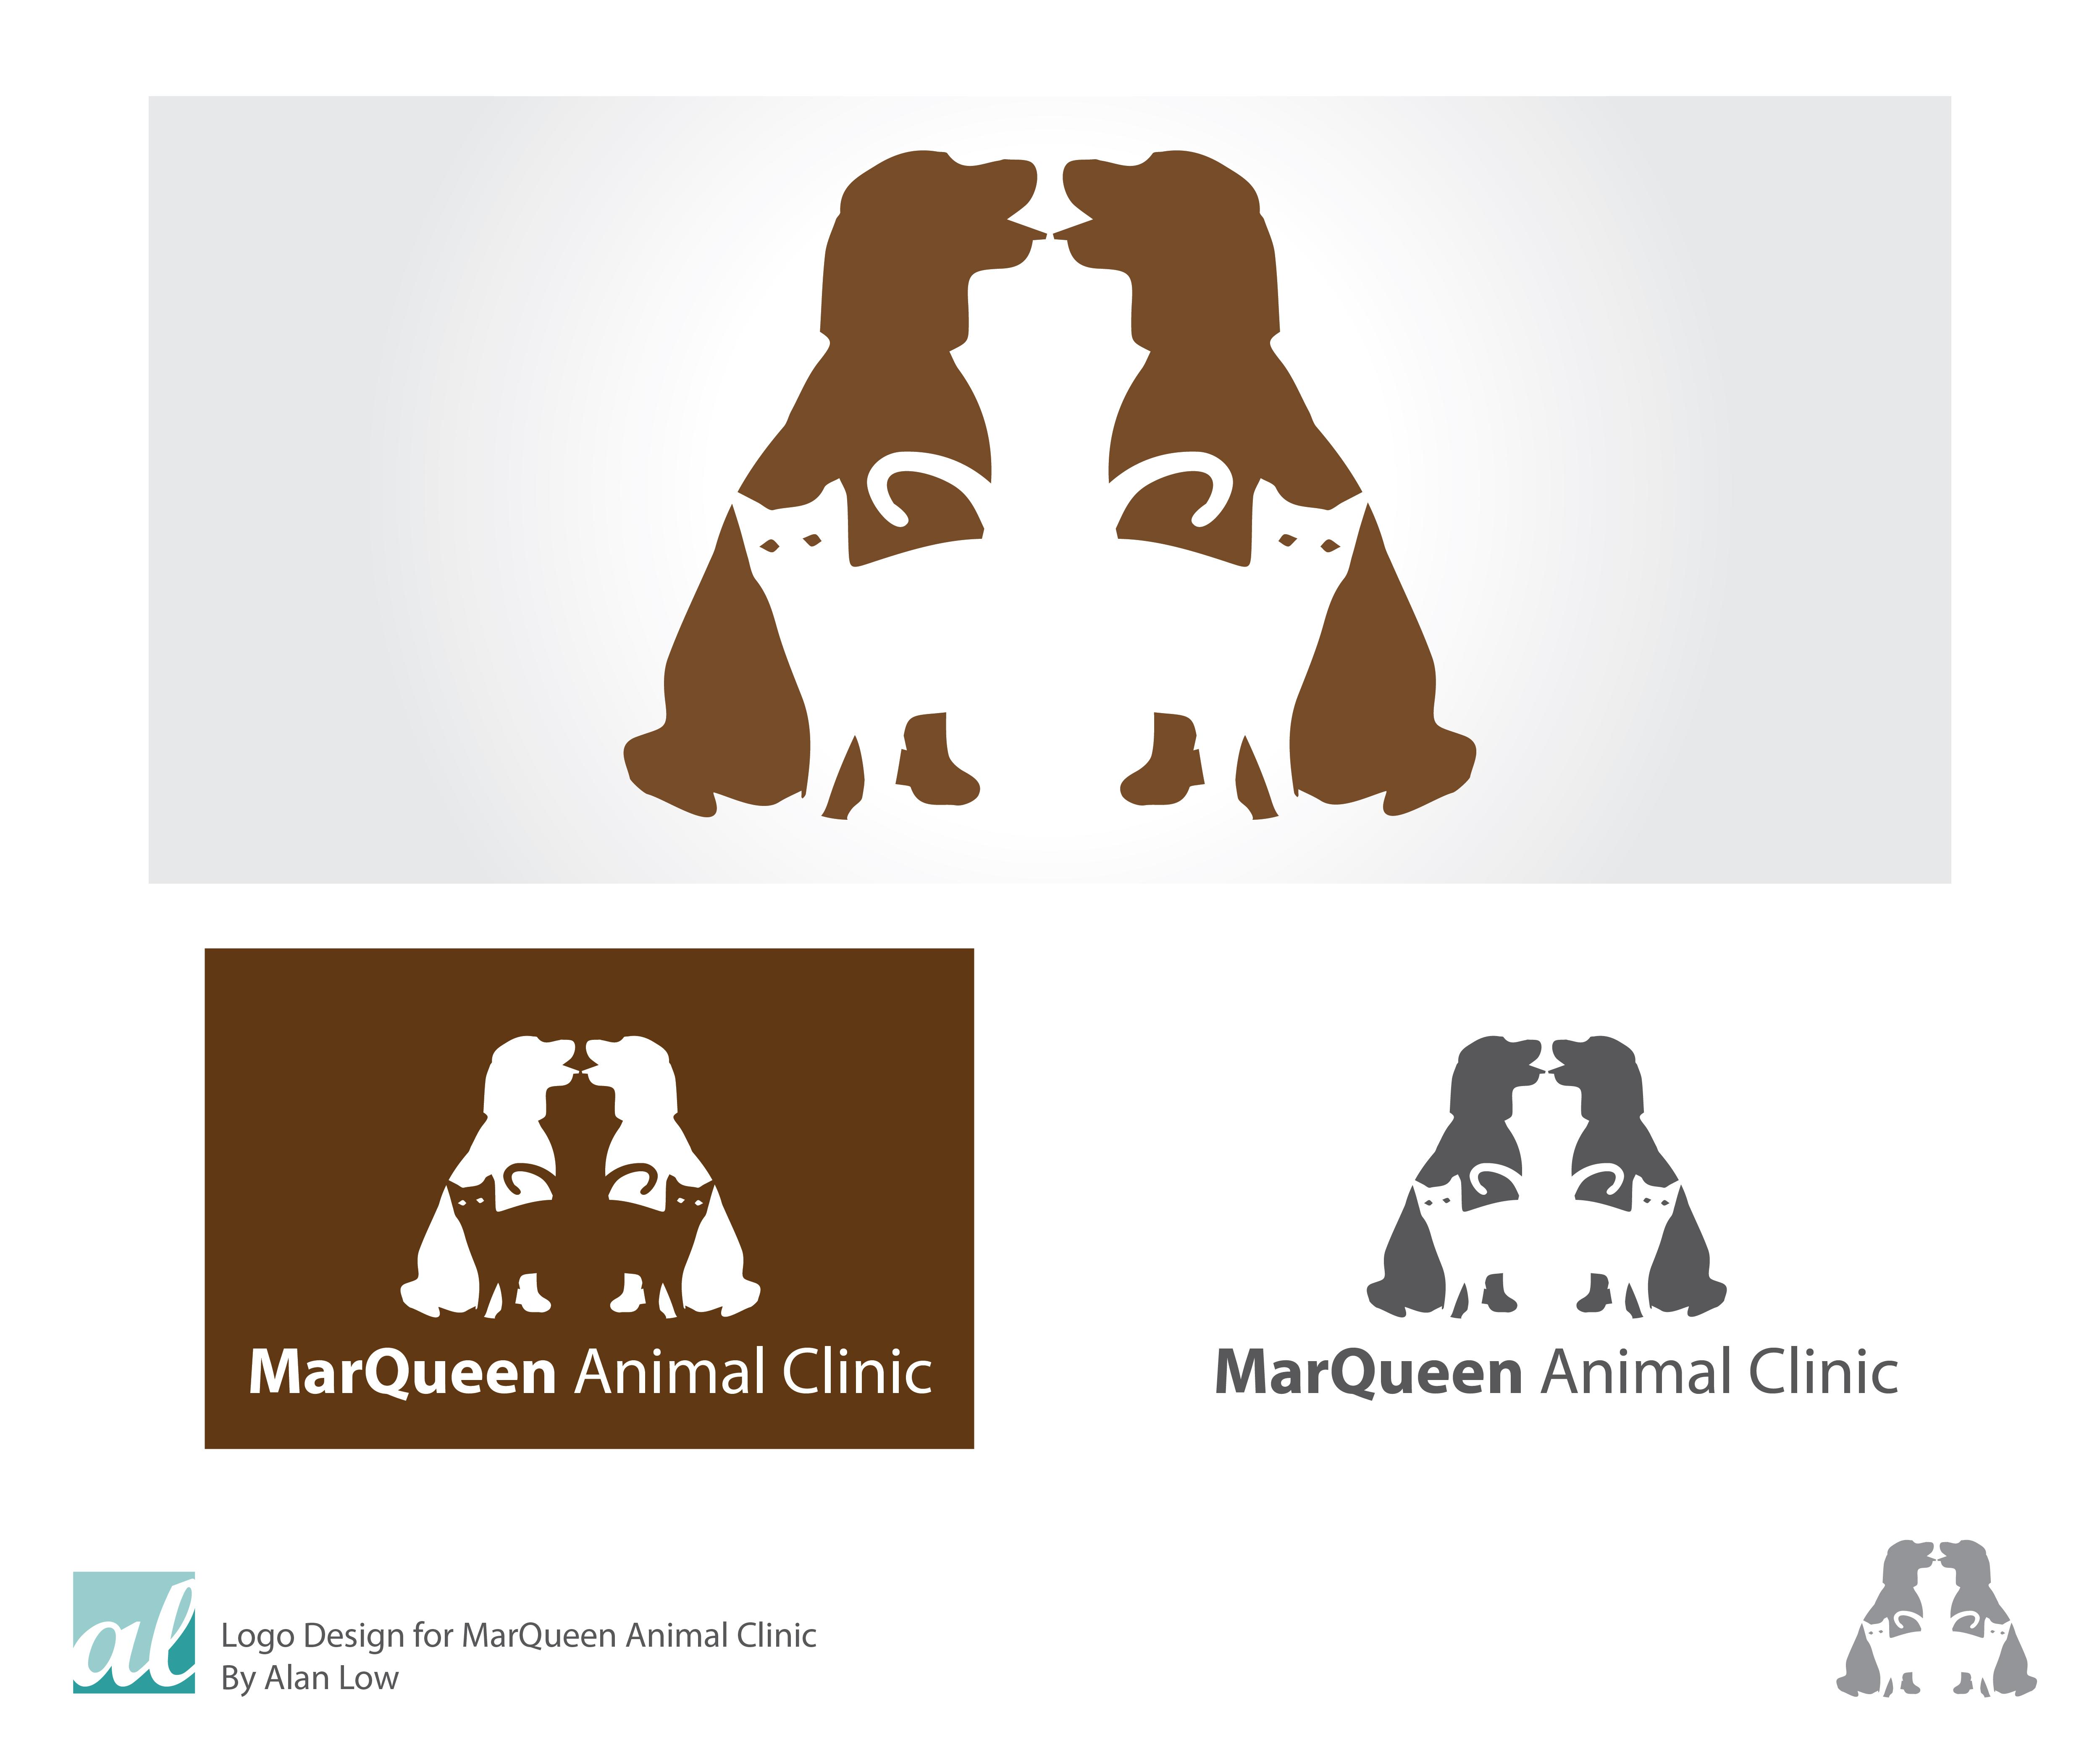 Logo Design by Alan Low - Entry No. 134 in the Logo Design Contest Fun Logo Design for MarQueen Animal Clinic.